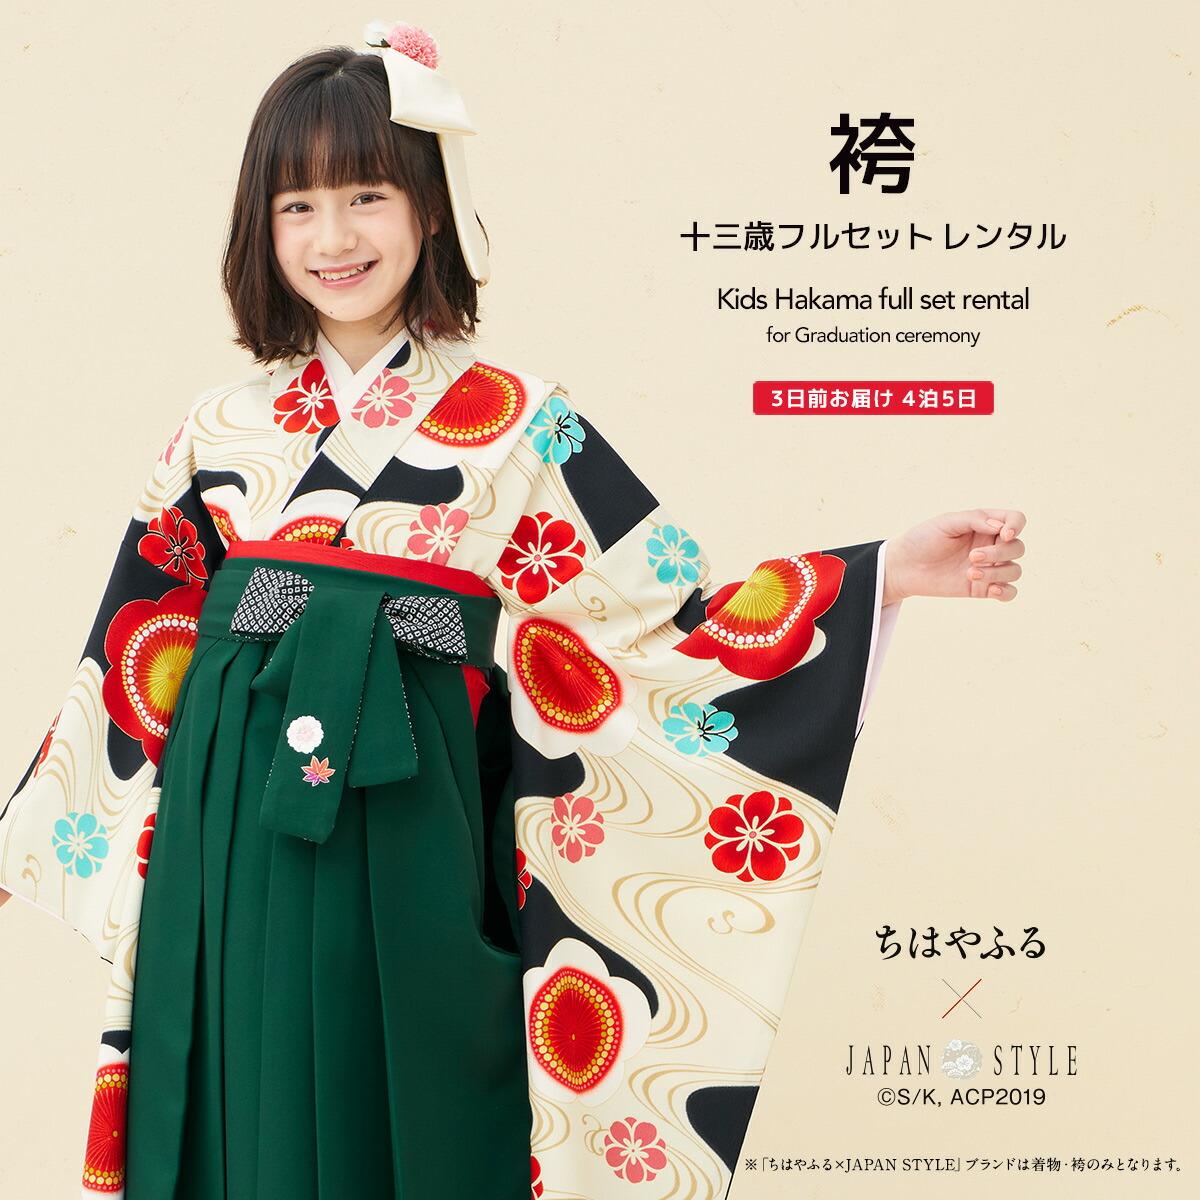 小学校の卒業式向け着物・袴セット